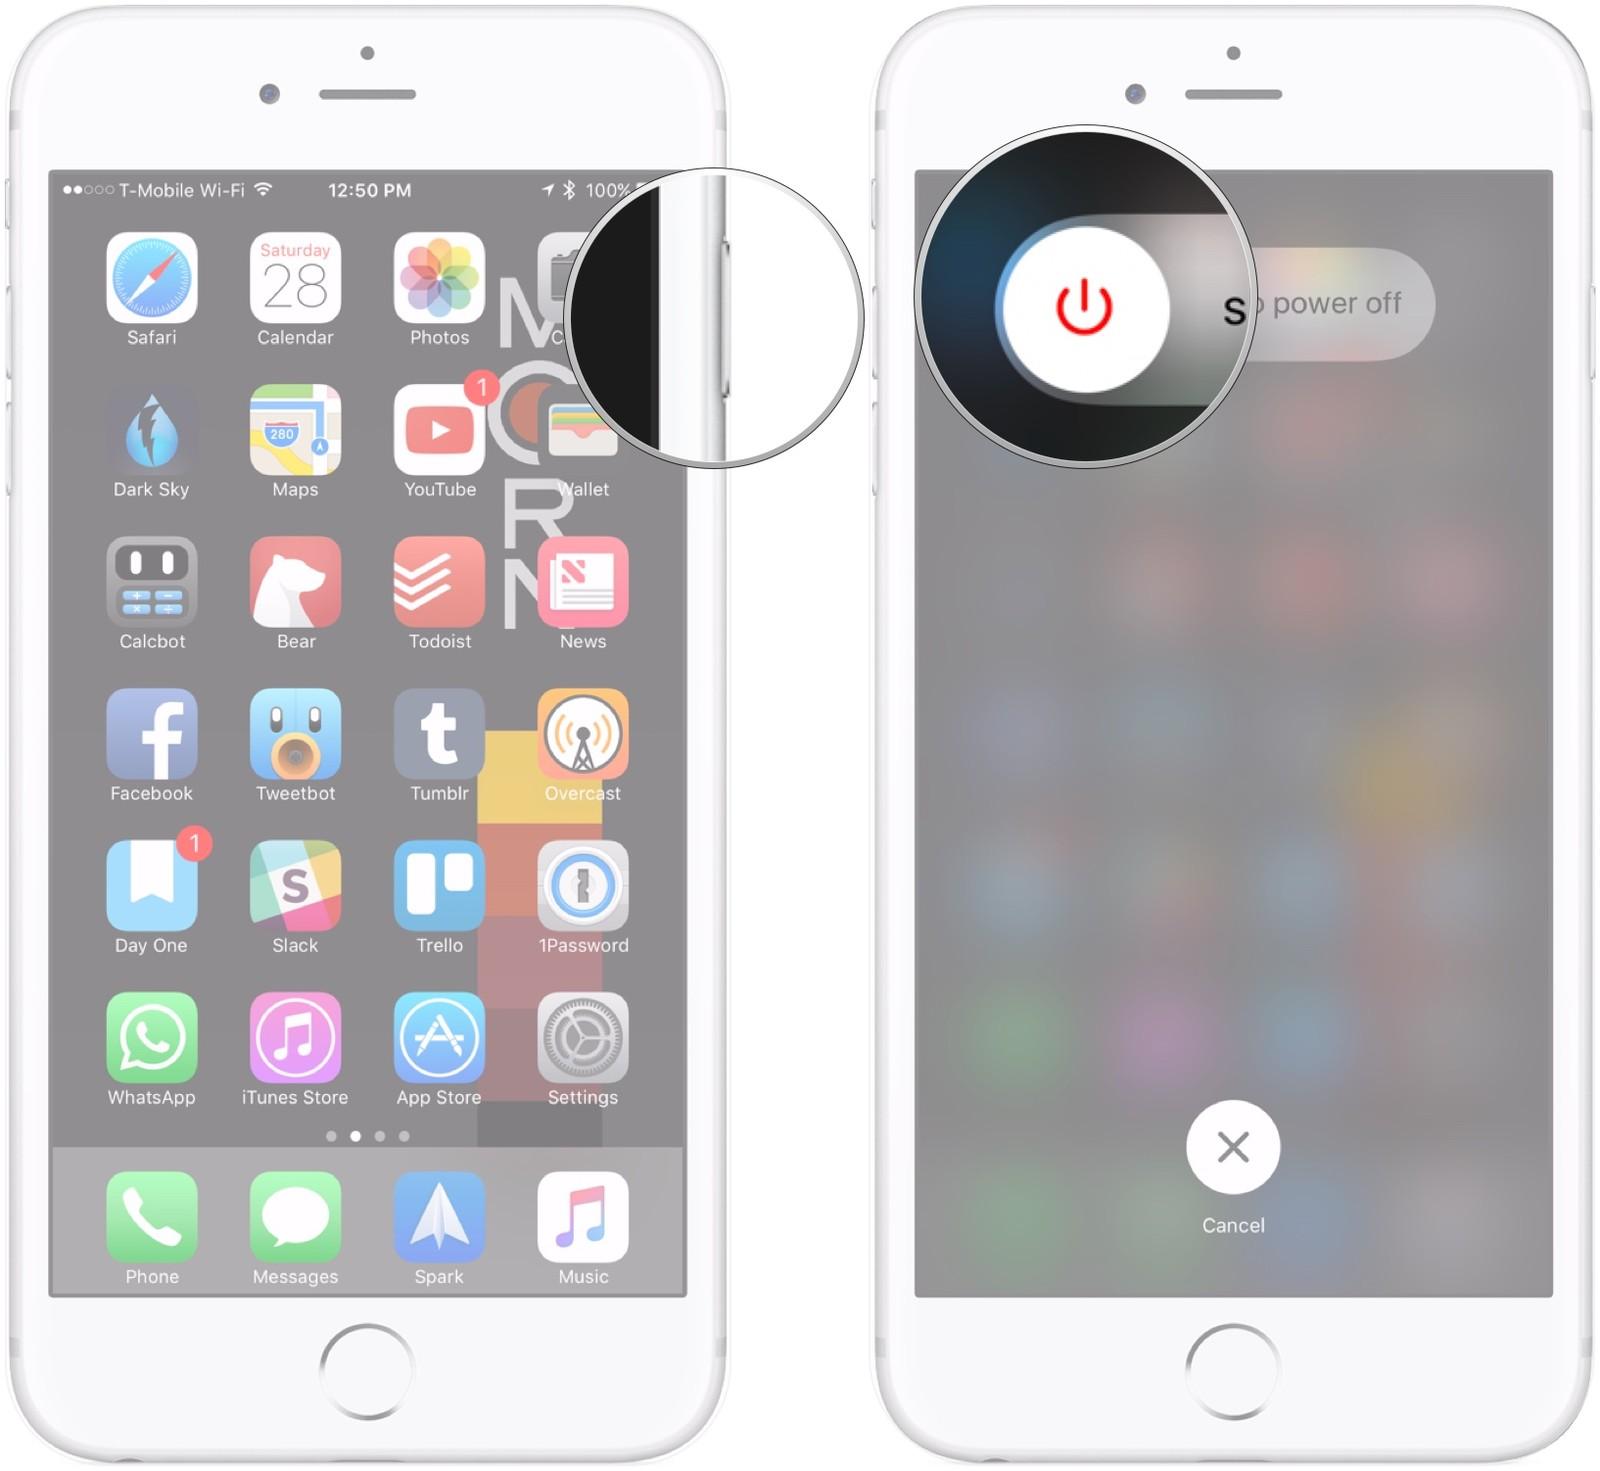 Cach đưa Iphone Ipad Vao Chế độ Recovery Mode Quantrimang Com